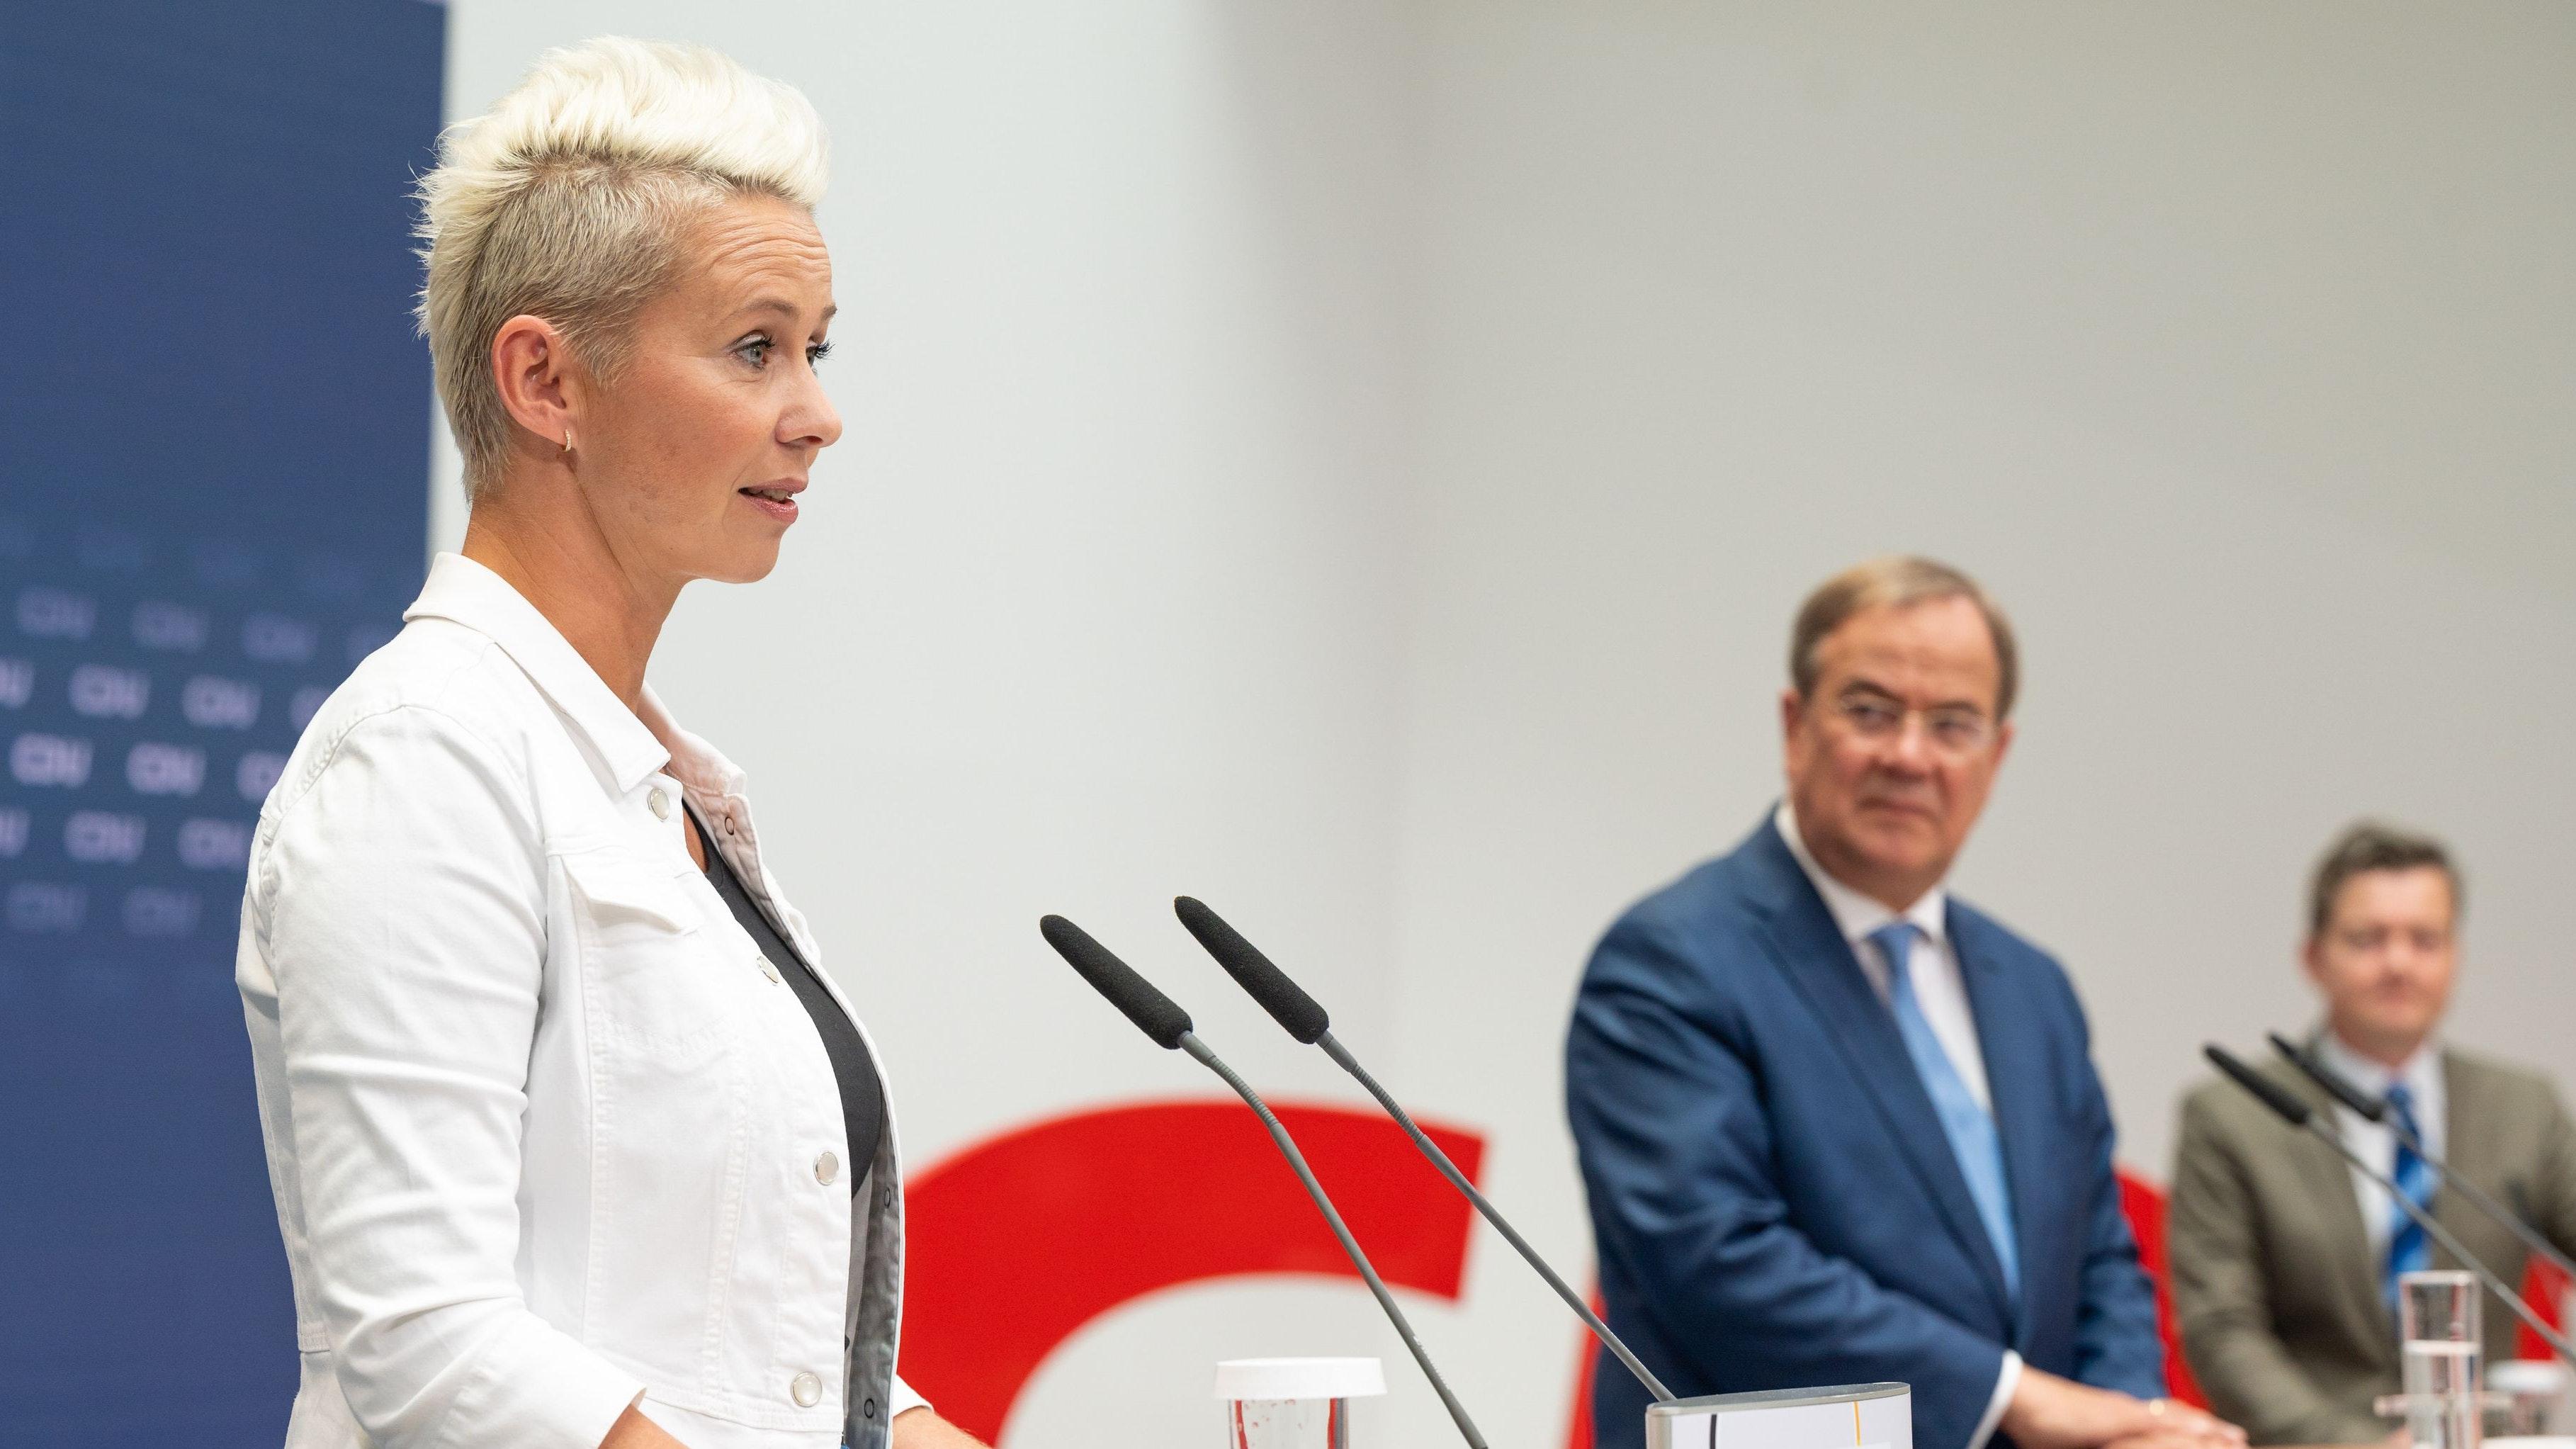 Anerkennender Blick von Armin Laschet: Breher bei der Pressekonferenz nach der CDU-Präsidiumssitzung in Berlin. Foto: M. Niehues